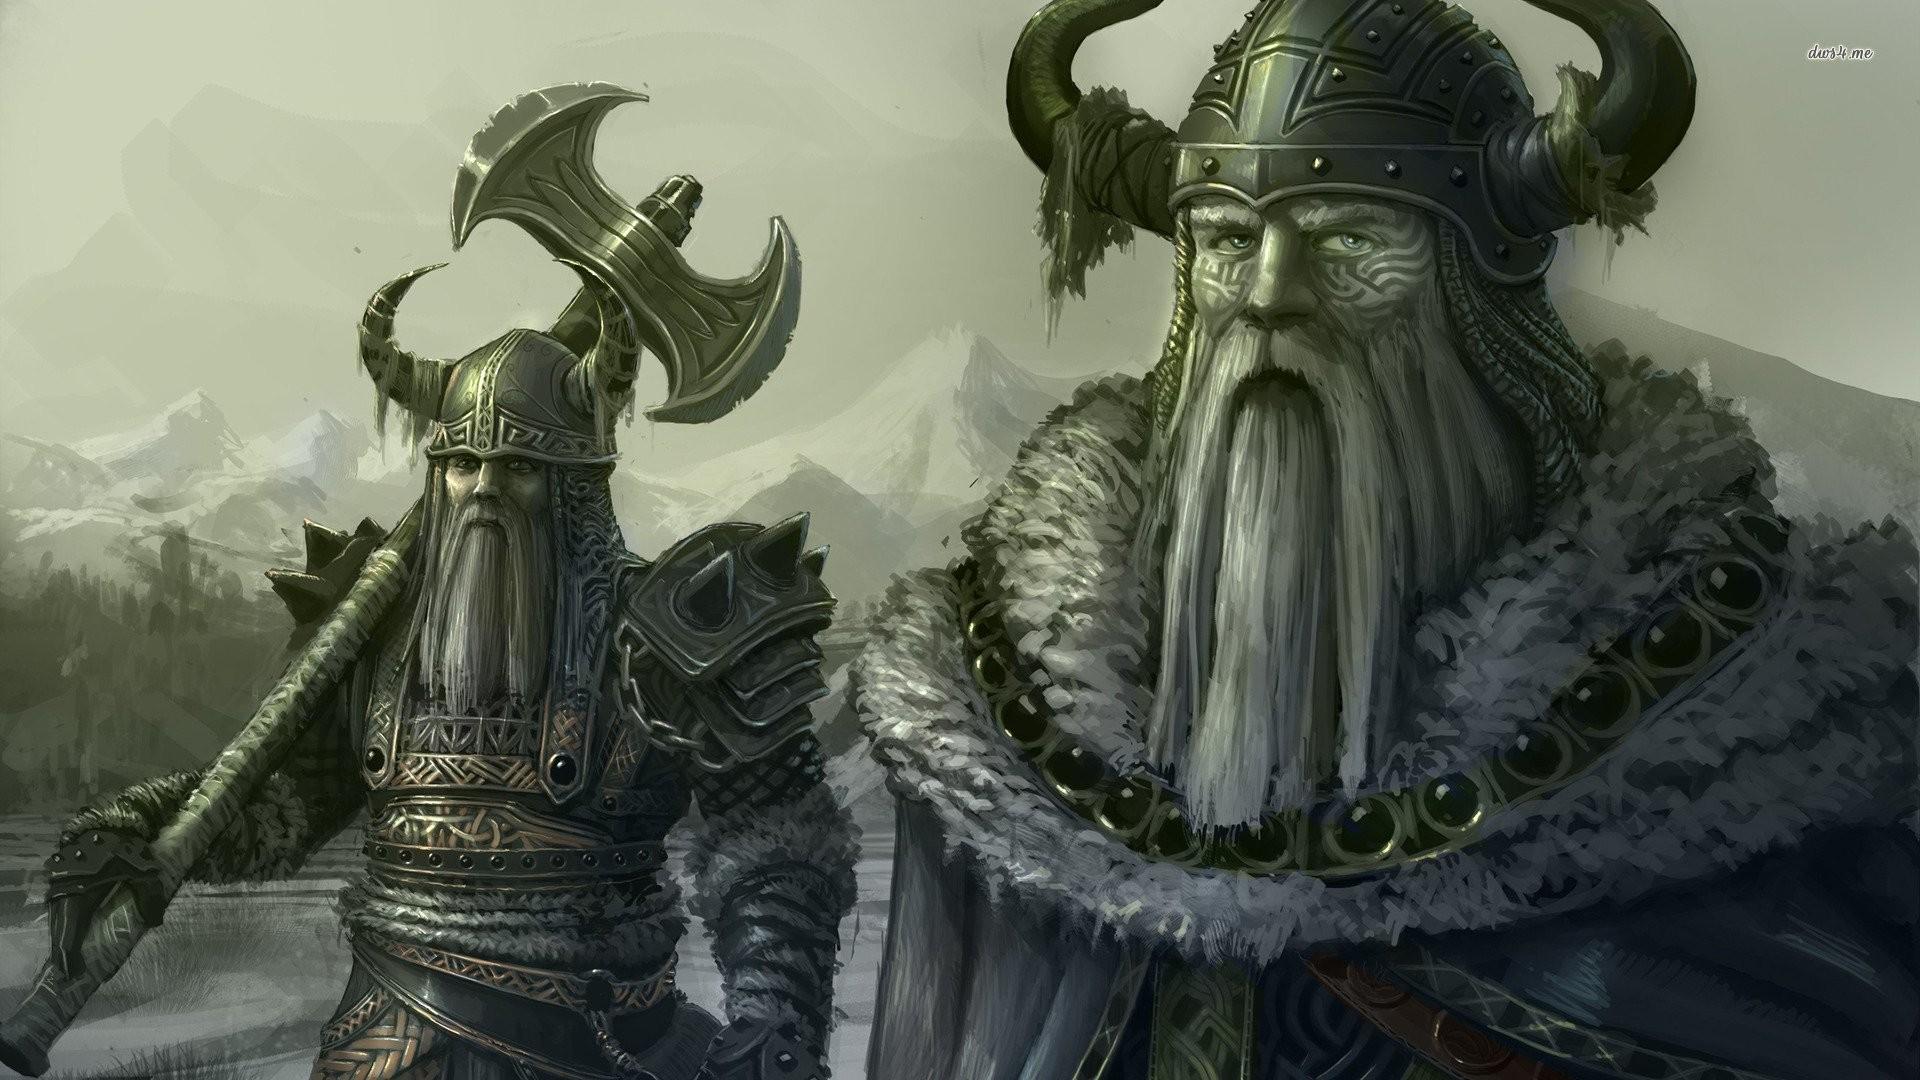 Viking Fantasy Wallpapers   WallpapersIn4k.net